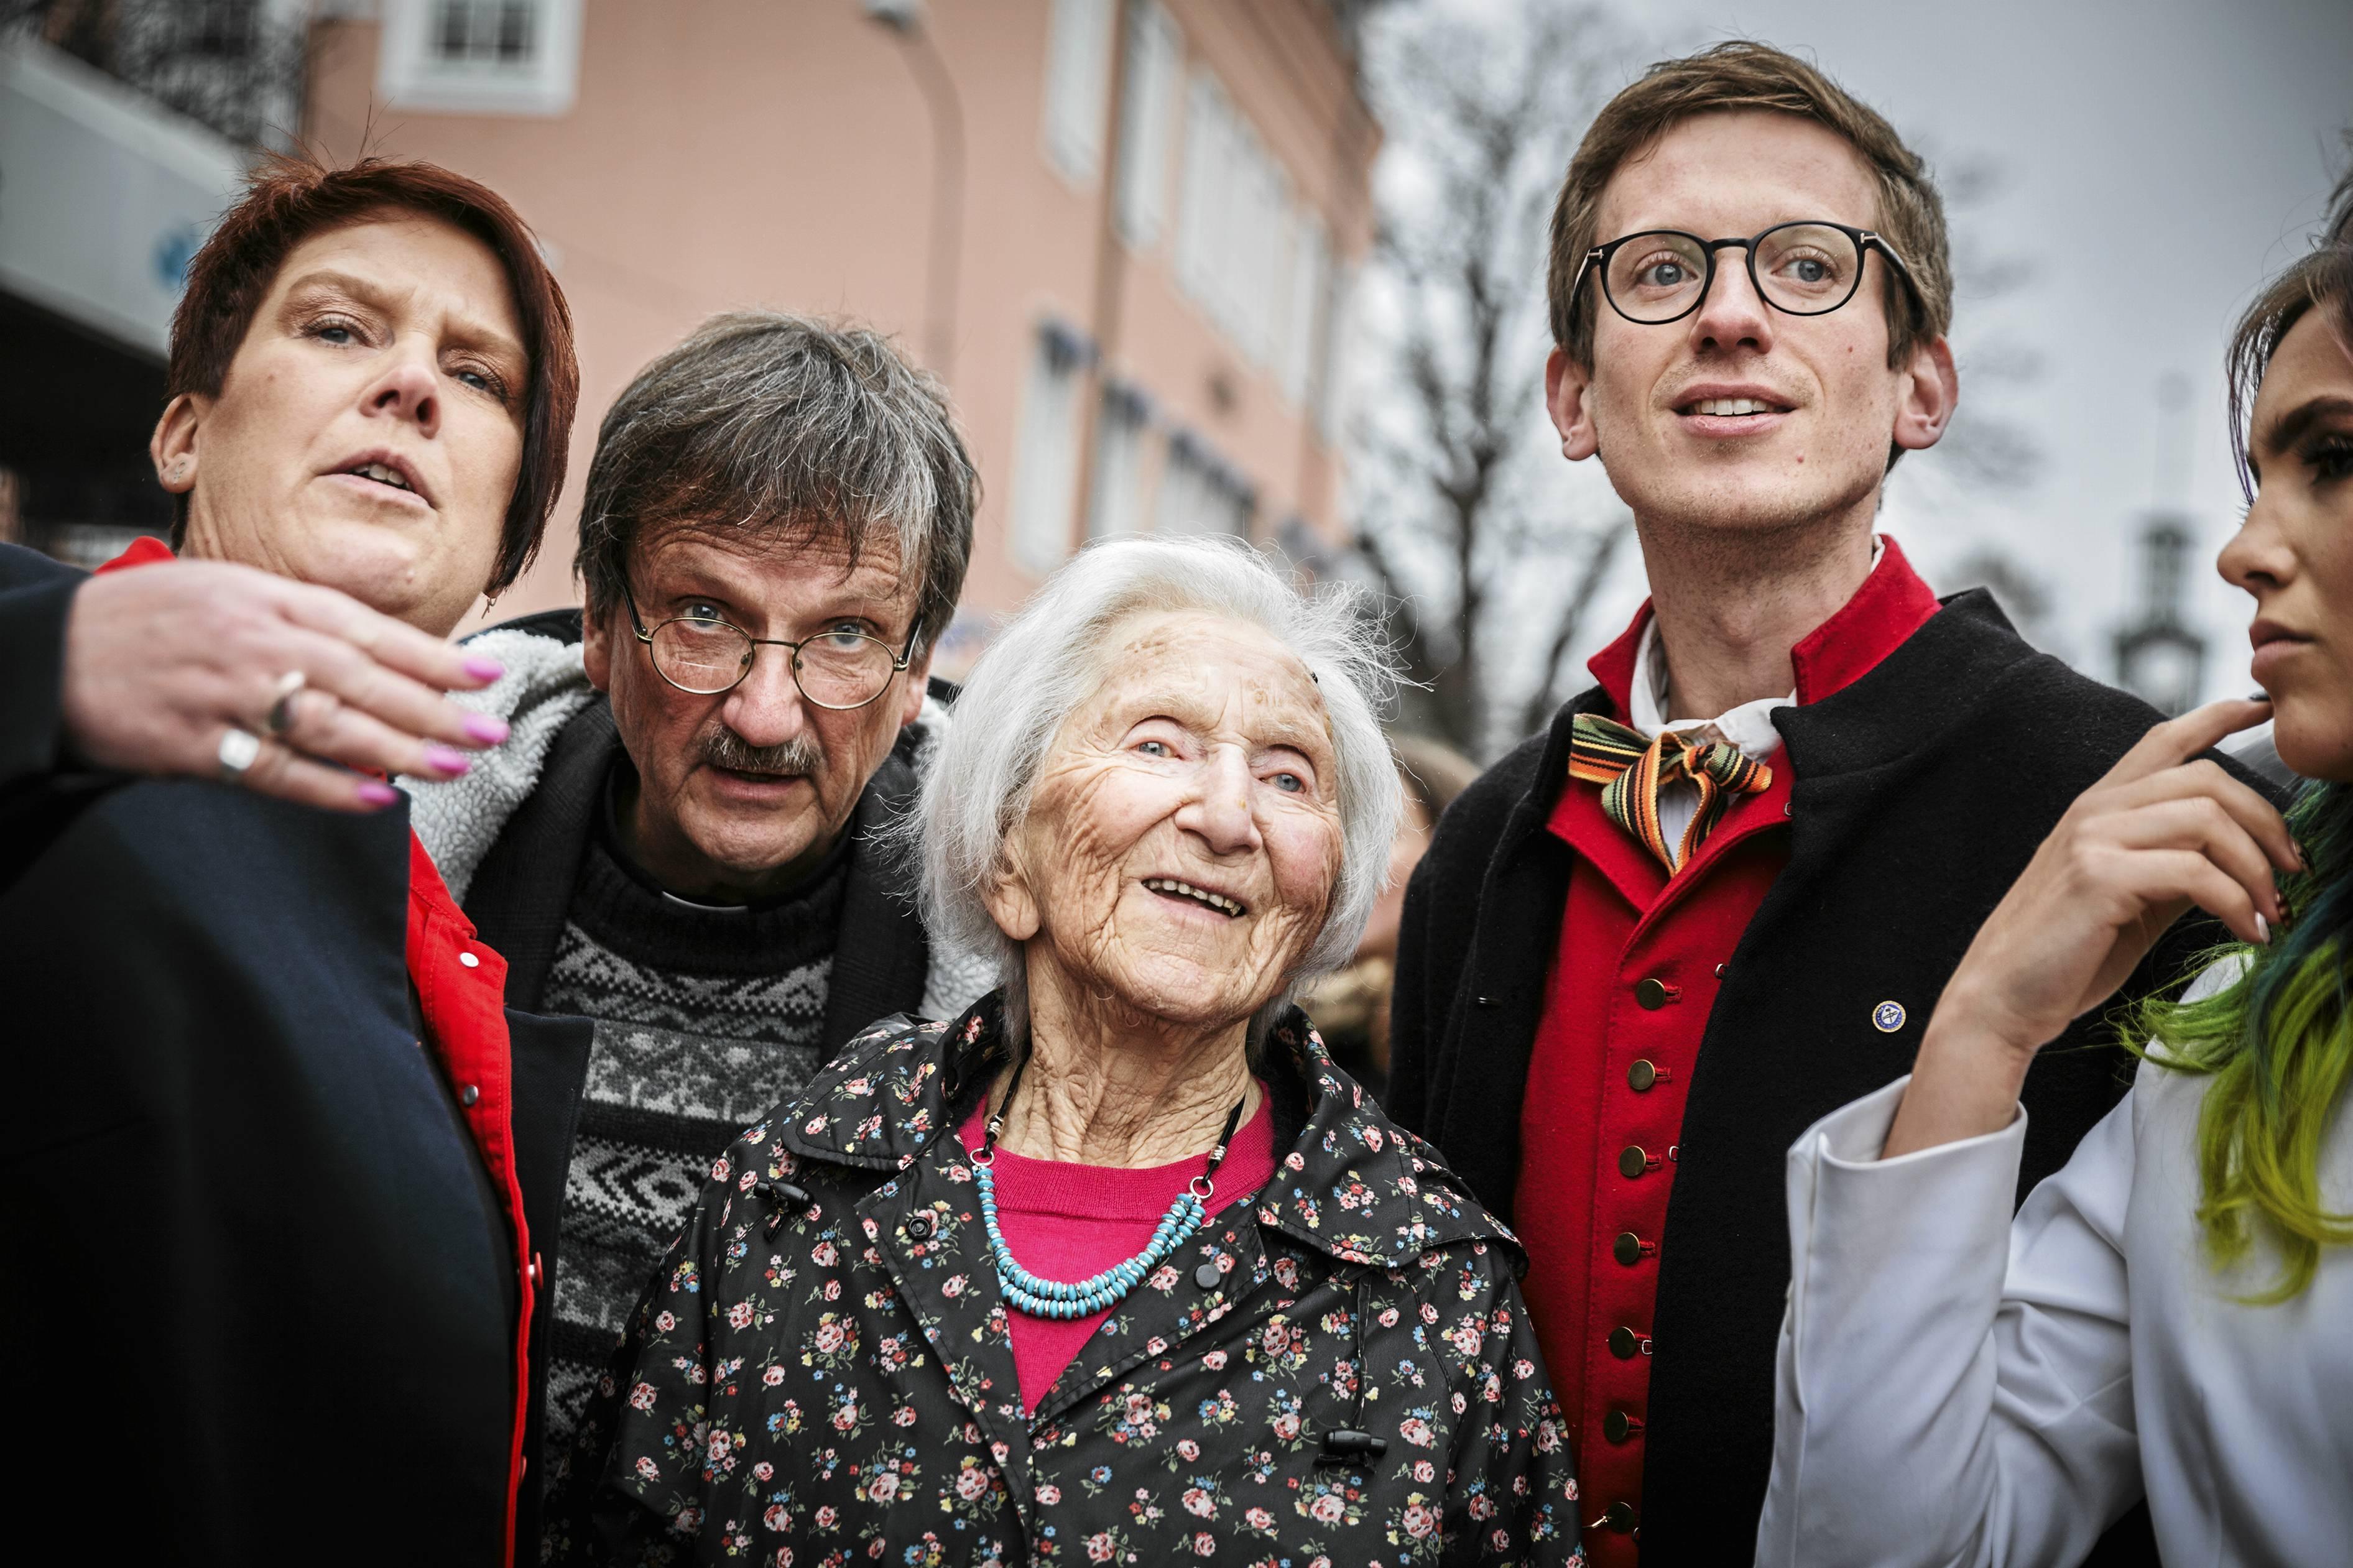 Första maj i fjol, Hédi Fried, riksdagsledamoten Maria Strömkvist (S), kyrkoherde Gunnar Persson och Gabriel Ehrling Perers kollar in nazisternas manifestation.